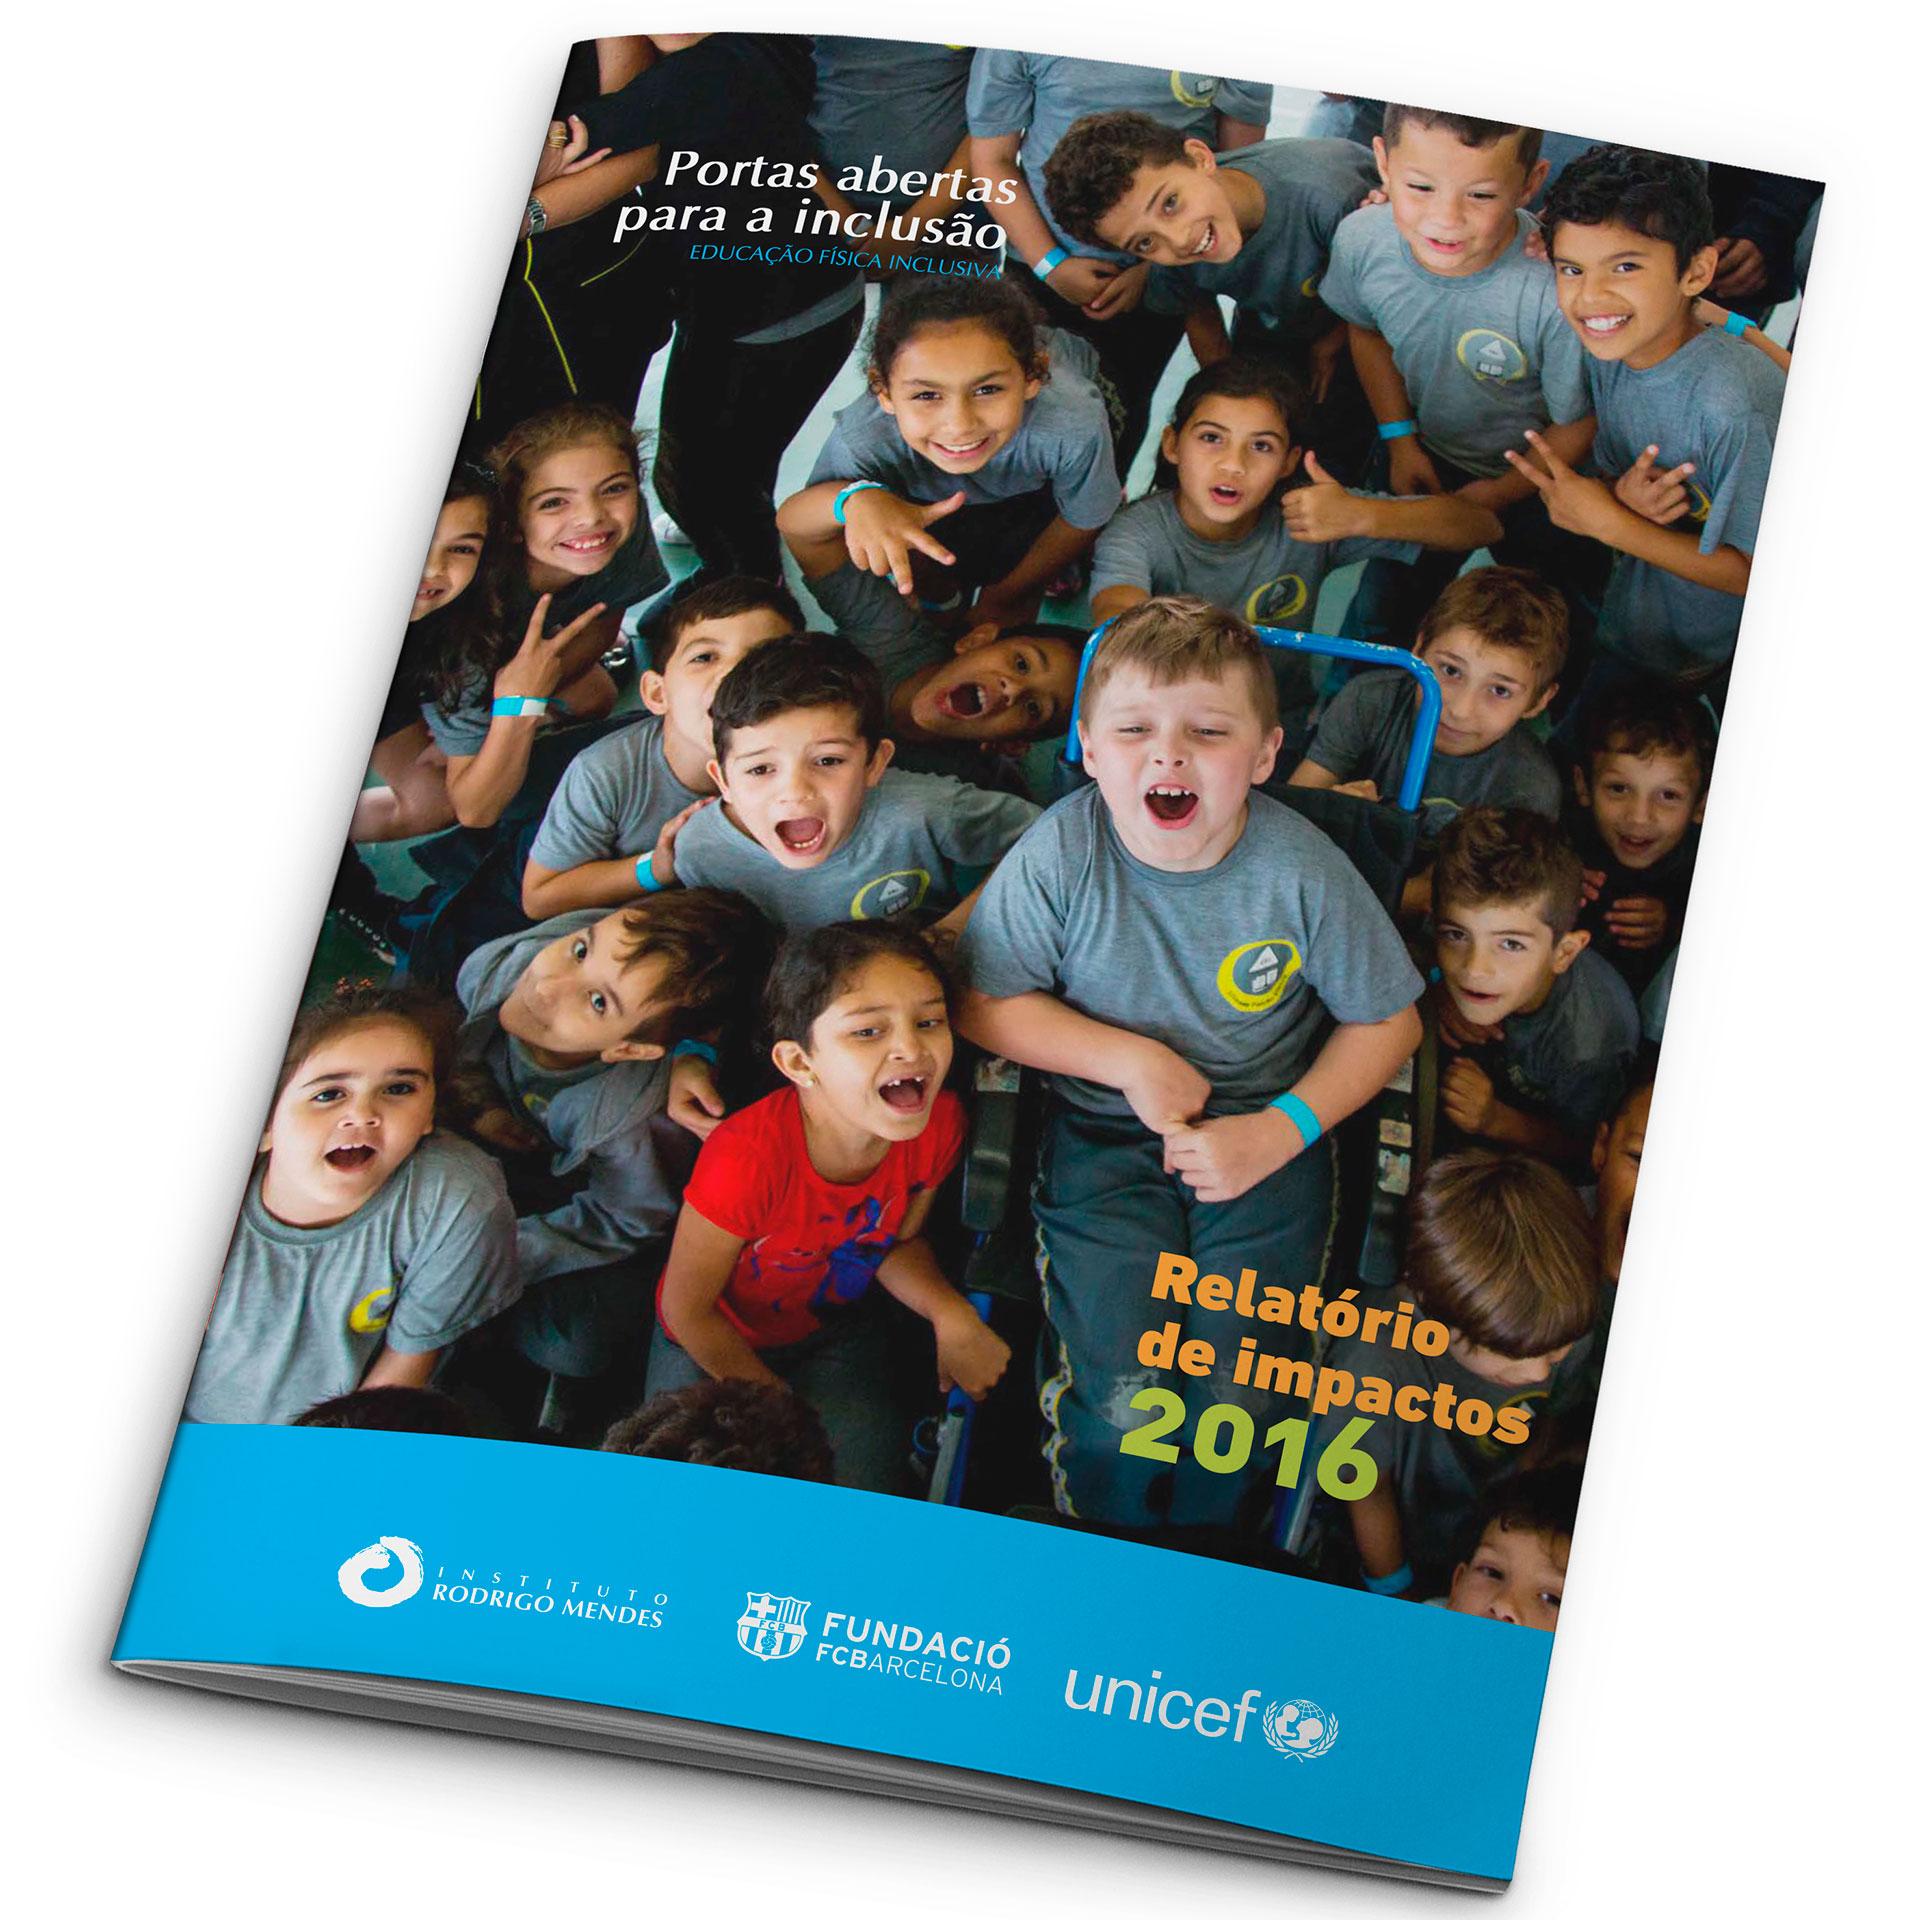 2016 – Relatório de impactos PAI